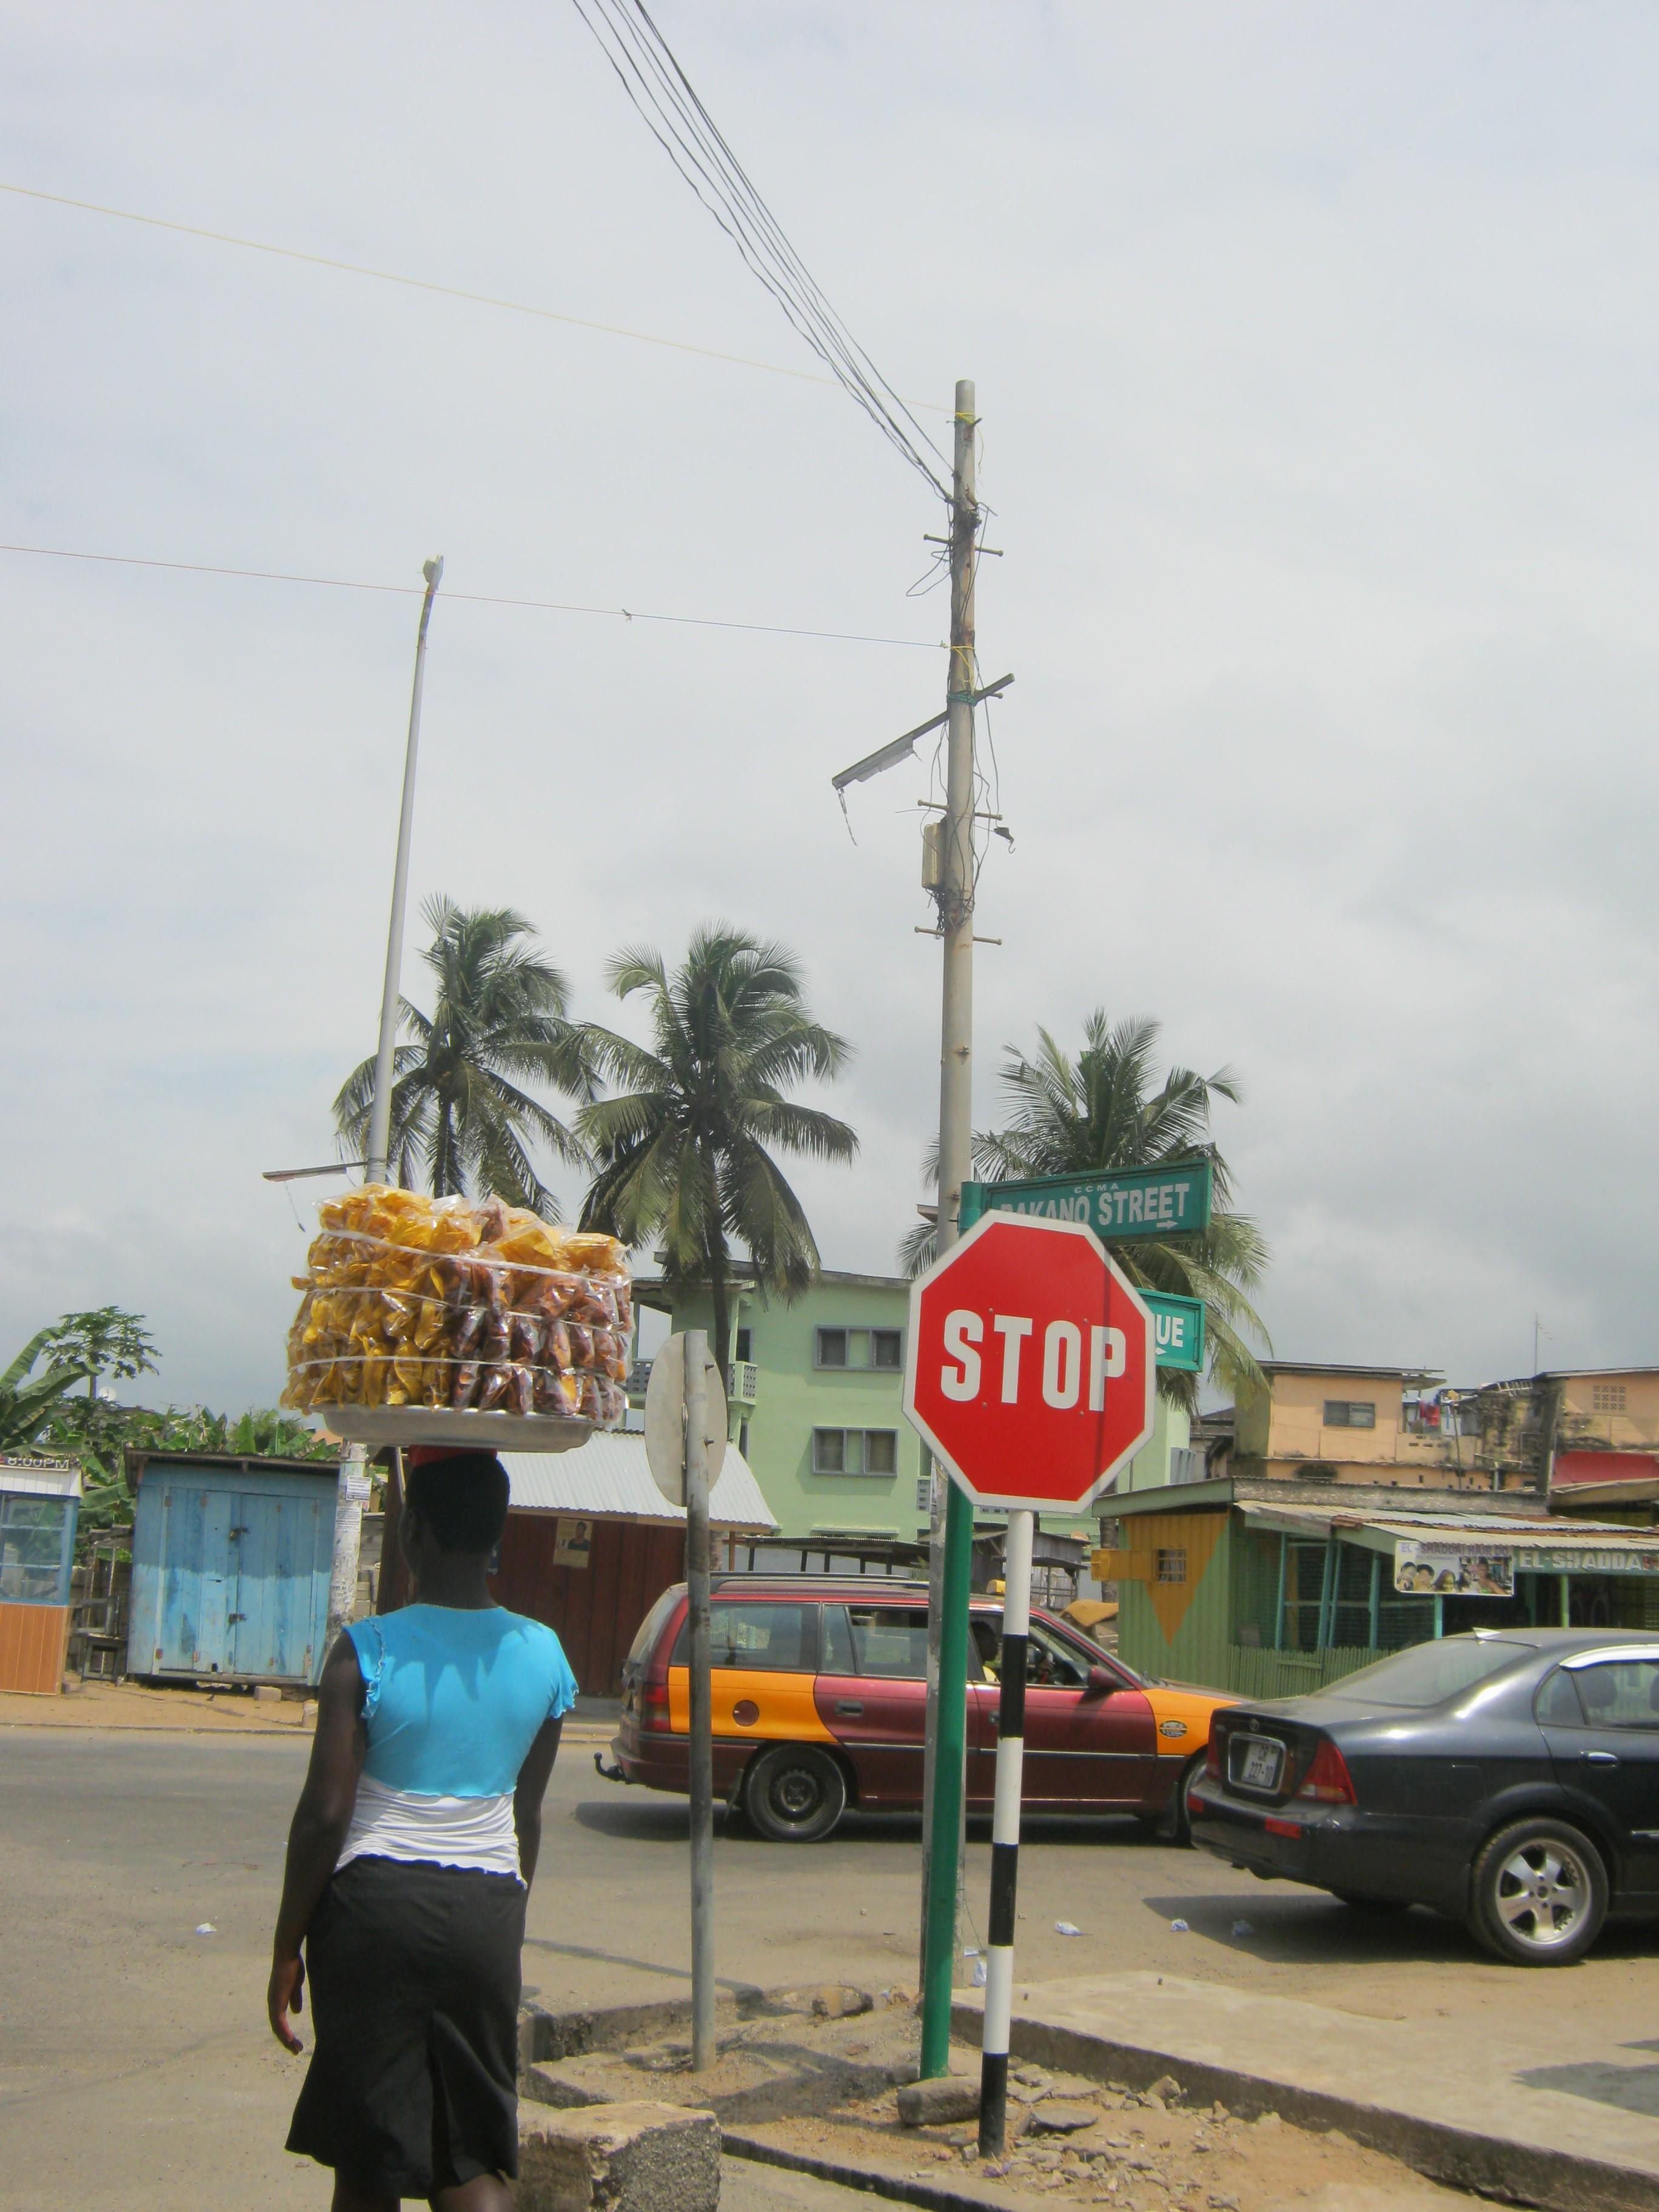 תנועה ומסחר במרחב העירוני של גאנה (צילום: מורן פרארו)